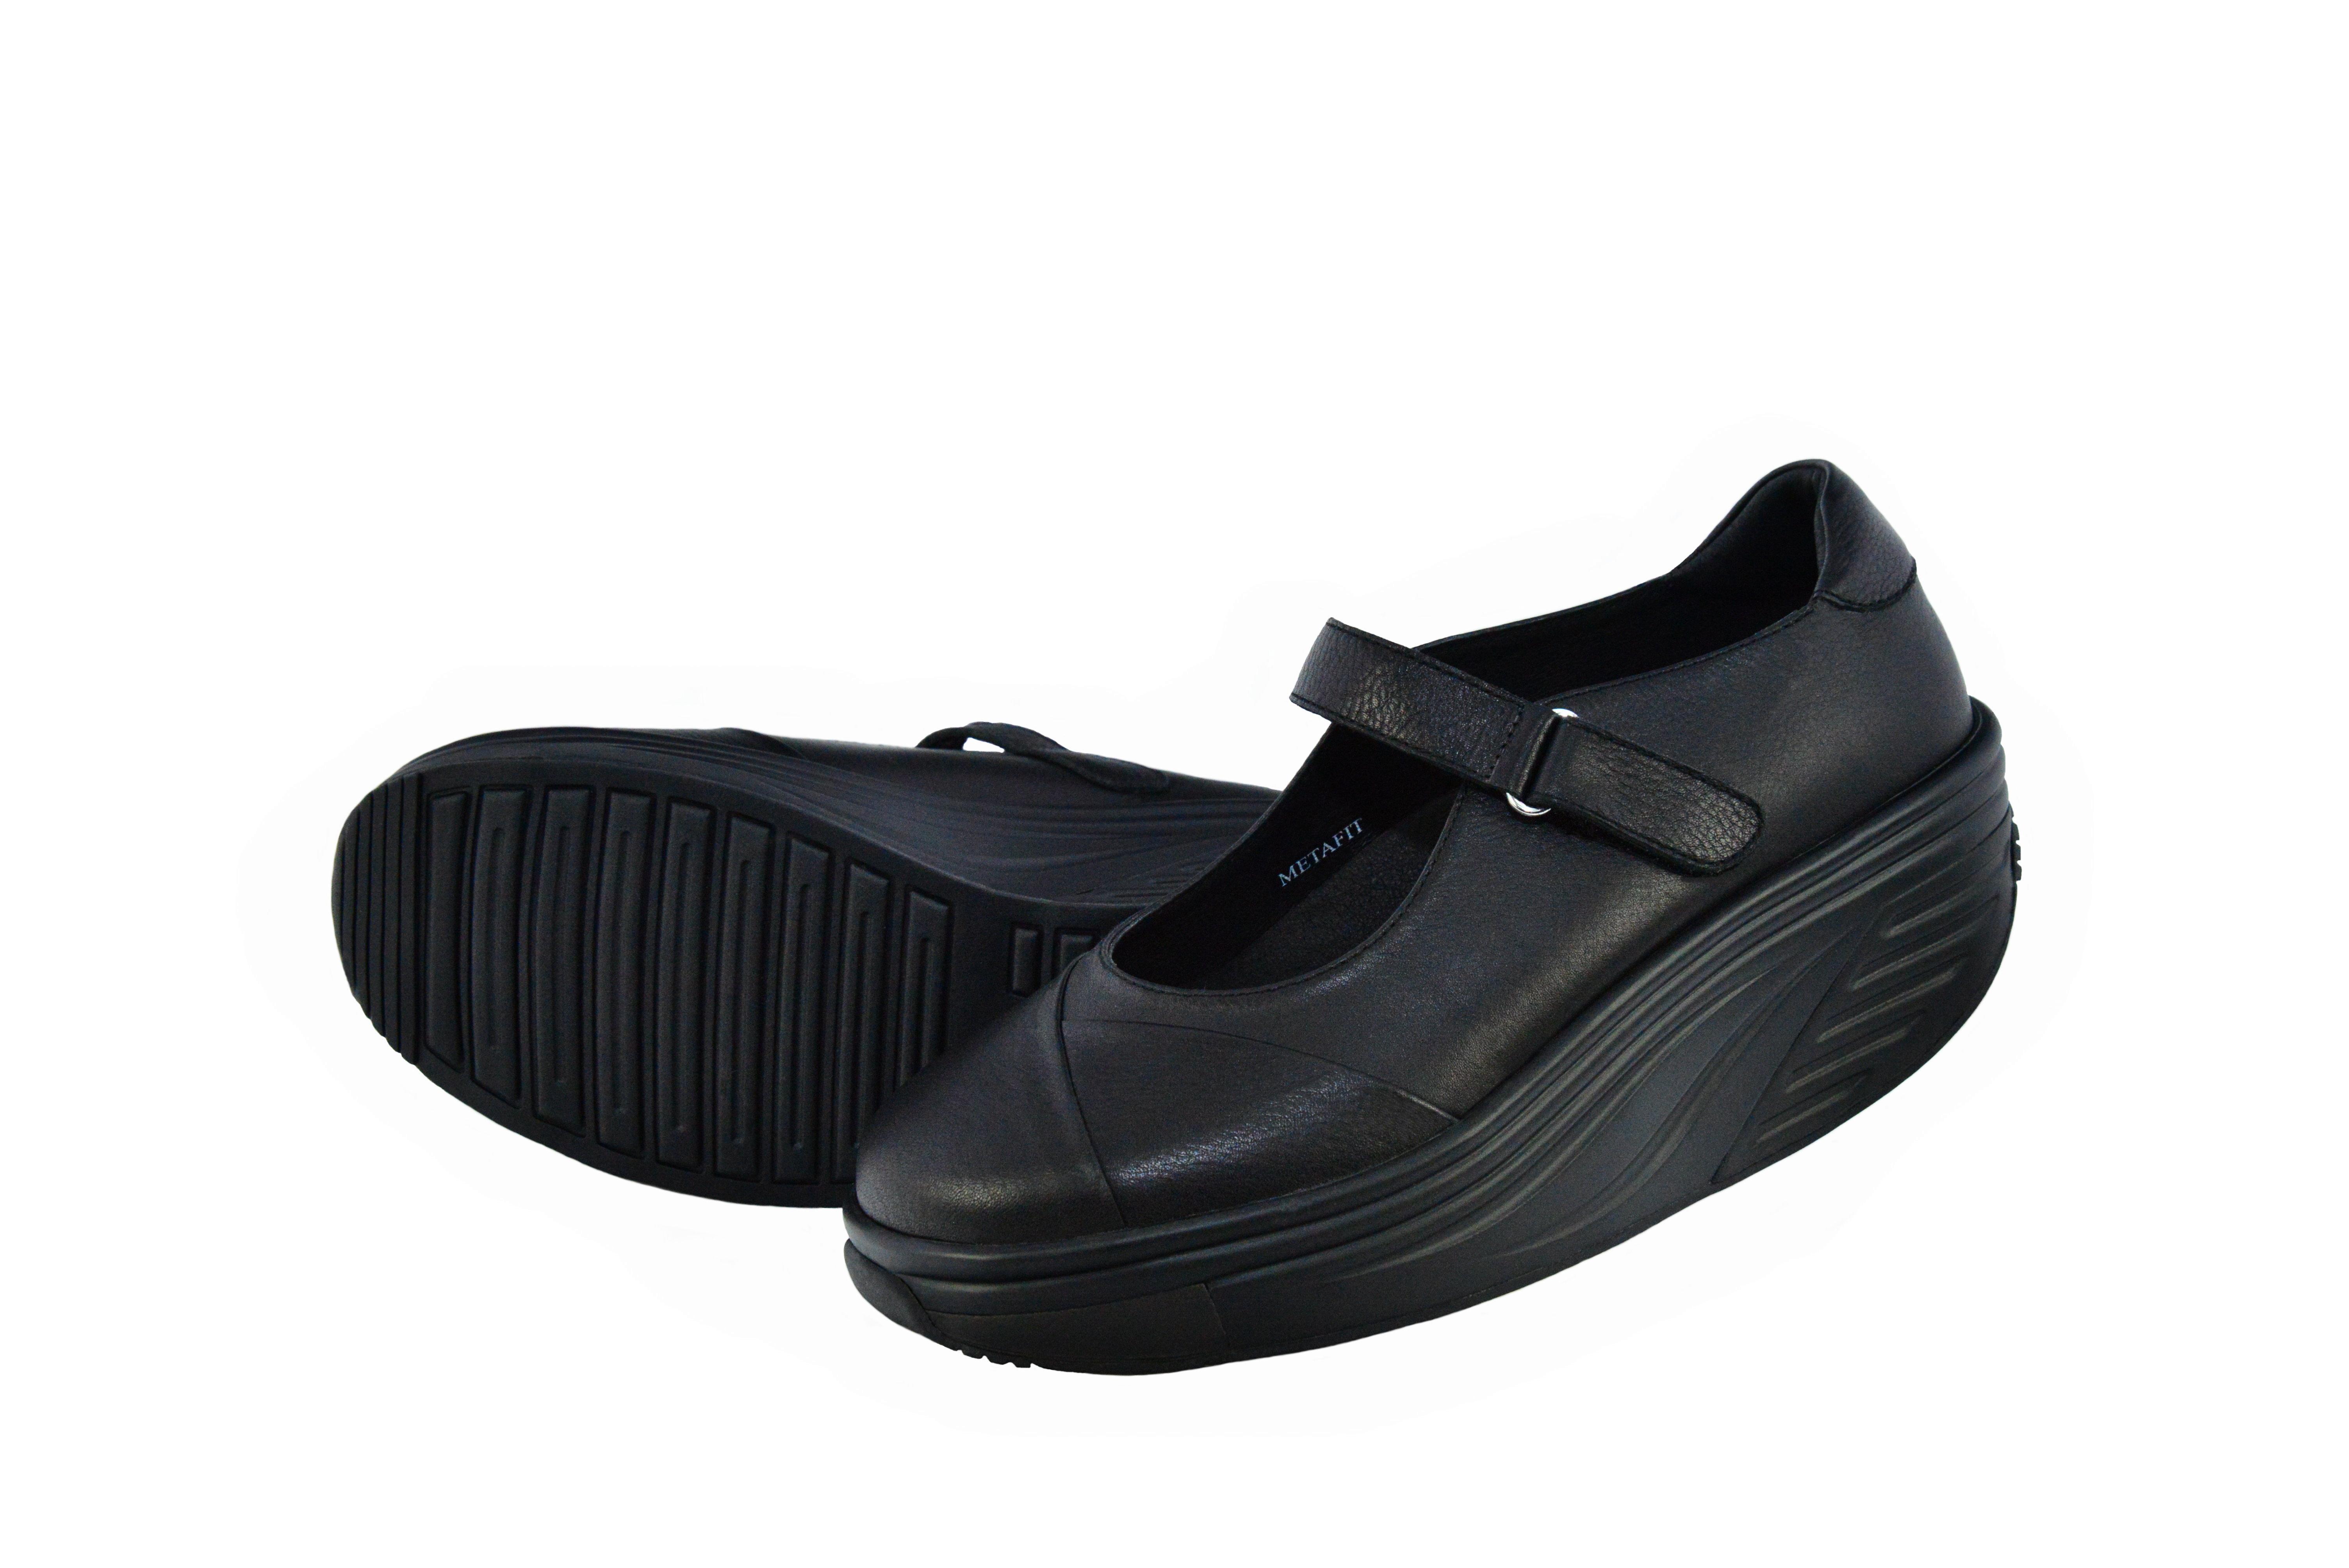 METAFIT時尚健康鞋~娃娃鞋系列~MJ7~樸實黑